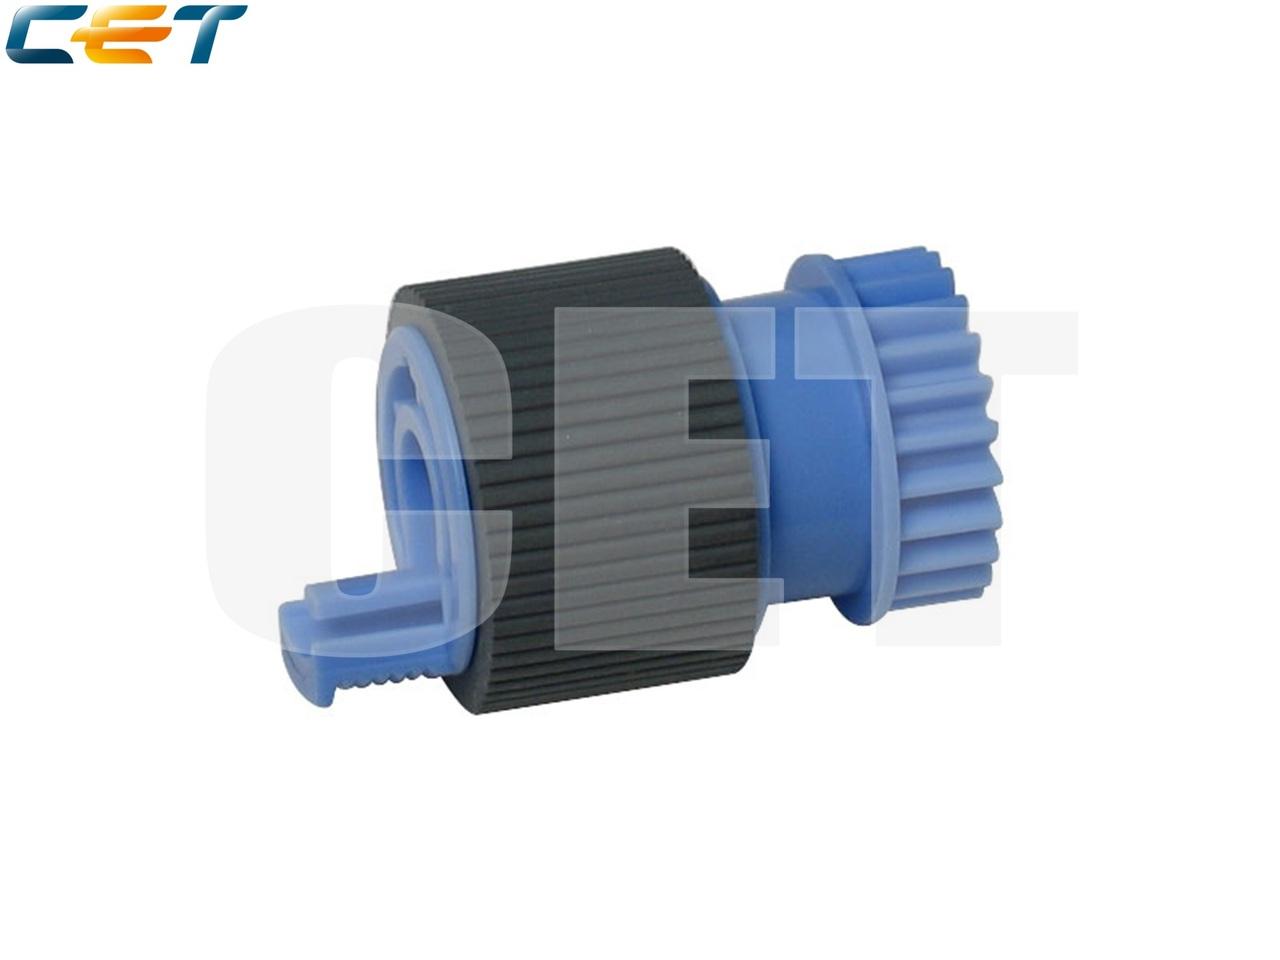 Ролик подхвата RF5-3340-000 для HP LaserJet 9000/9040/9050,M806/M830 (CET), CET0465